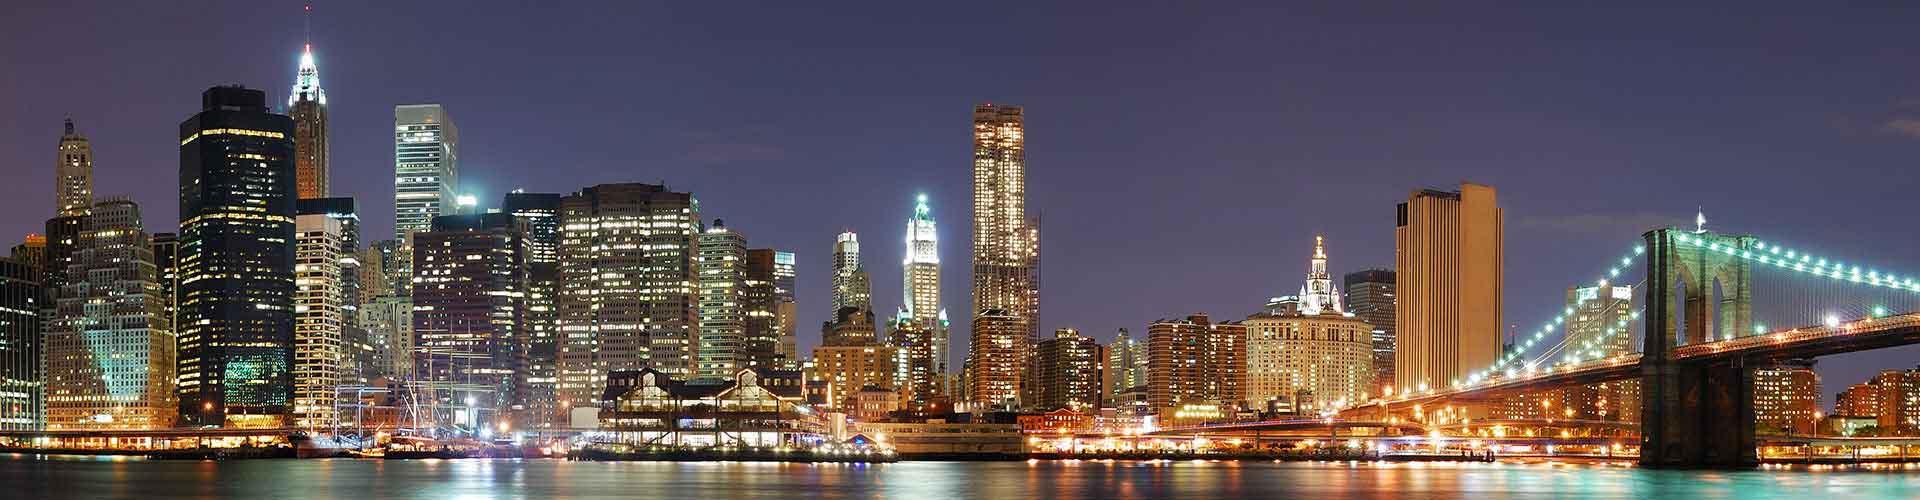 New York - Ifjúsági Szállások New Yorkben. New York térképek, fotók és ajánlások minden egyes ifjúsági szállásokra New York-ben.